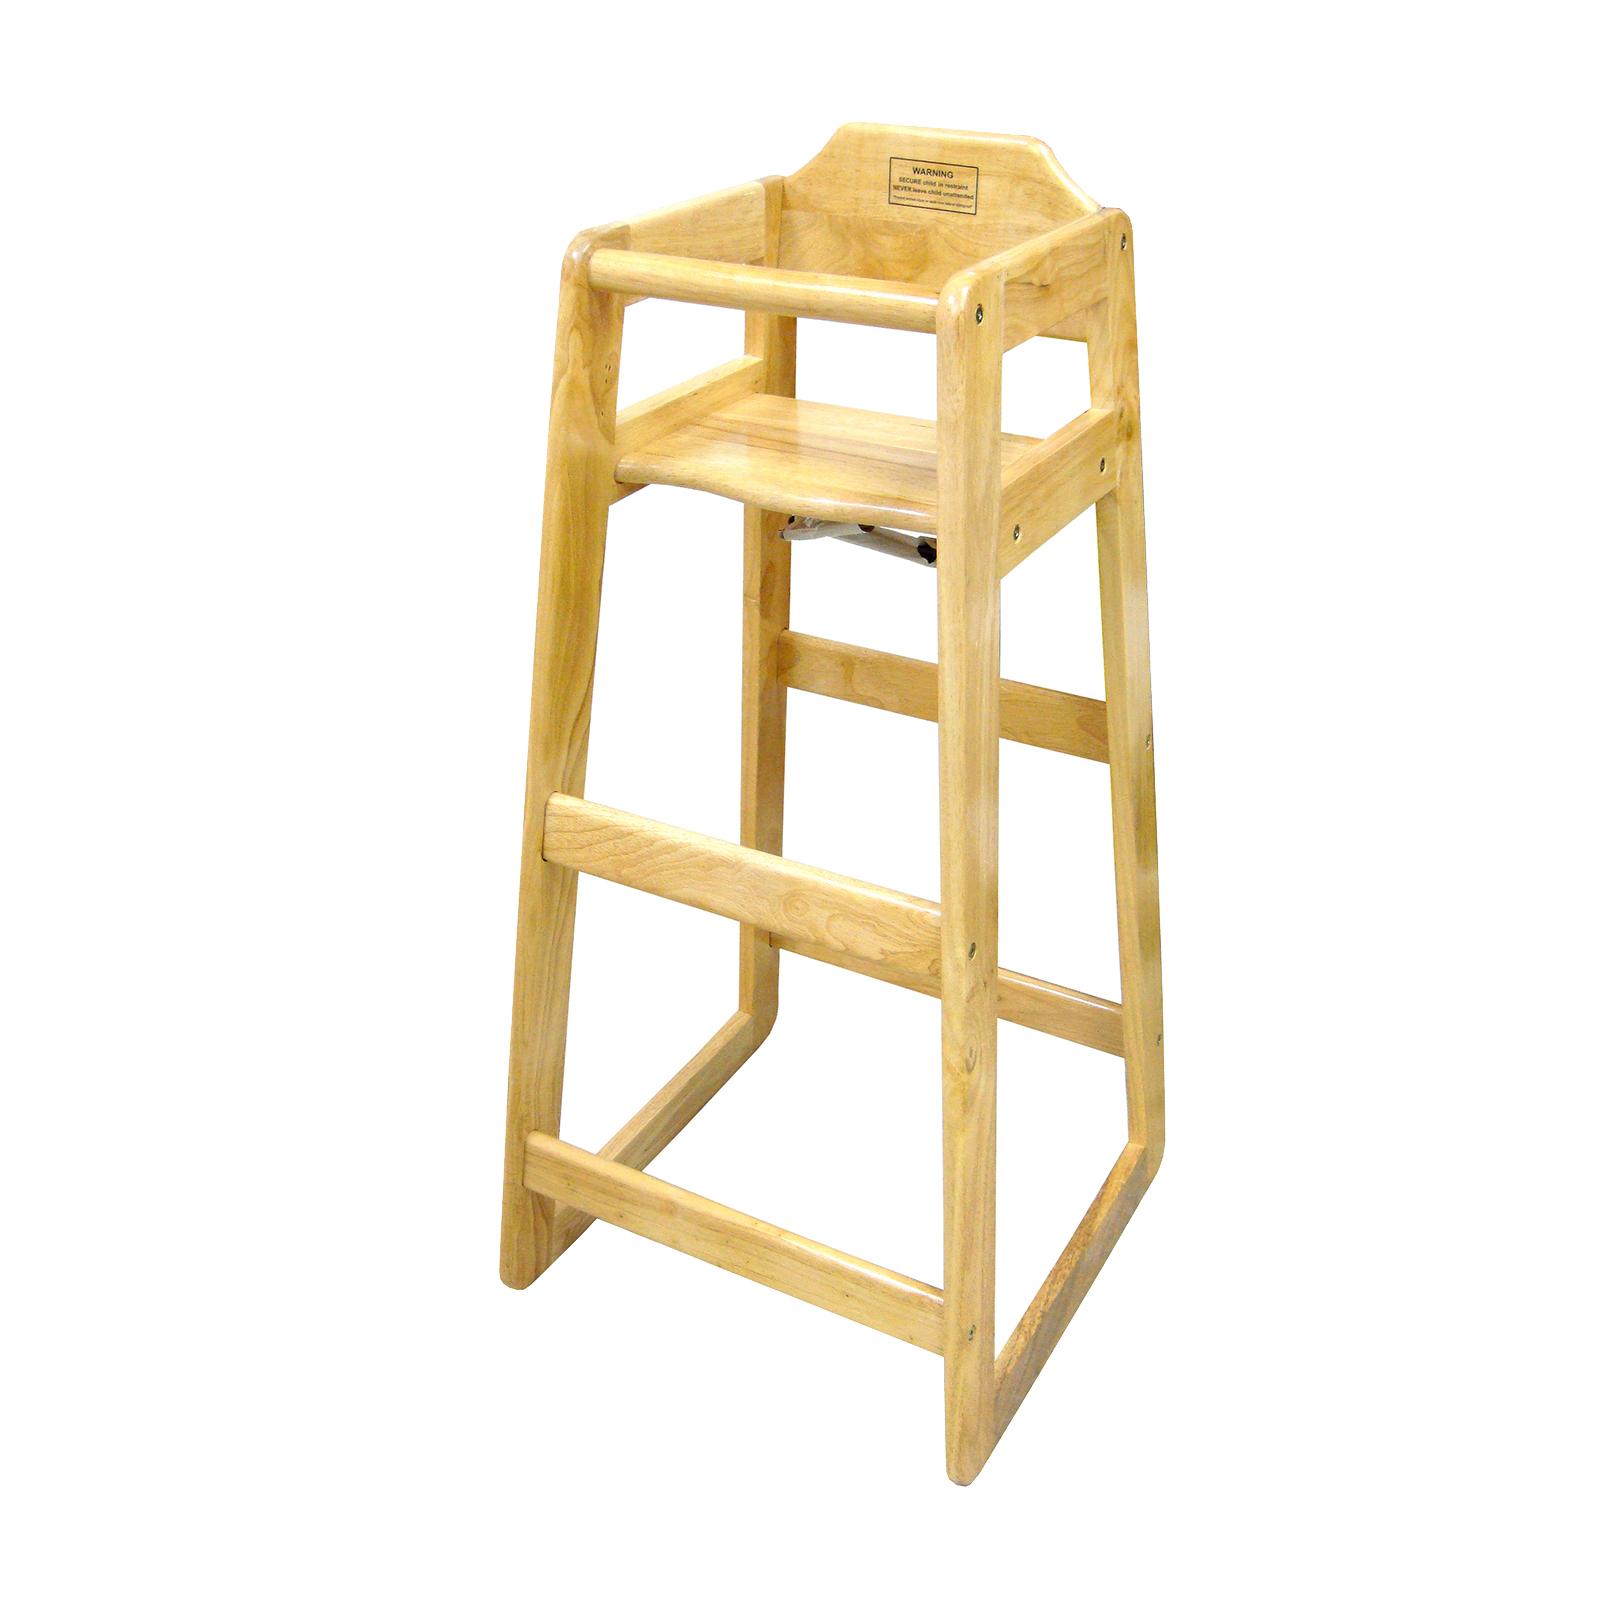 4850-78 Winco CHH-601 high chair, wood